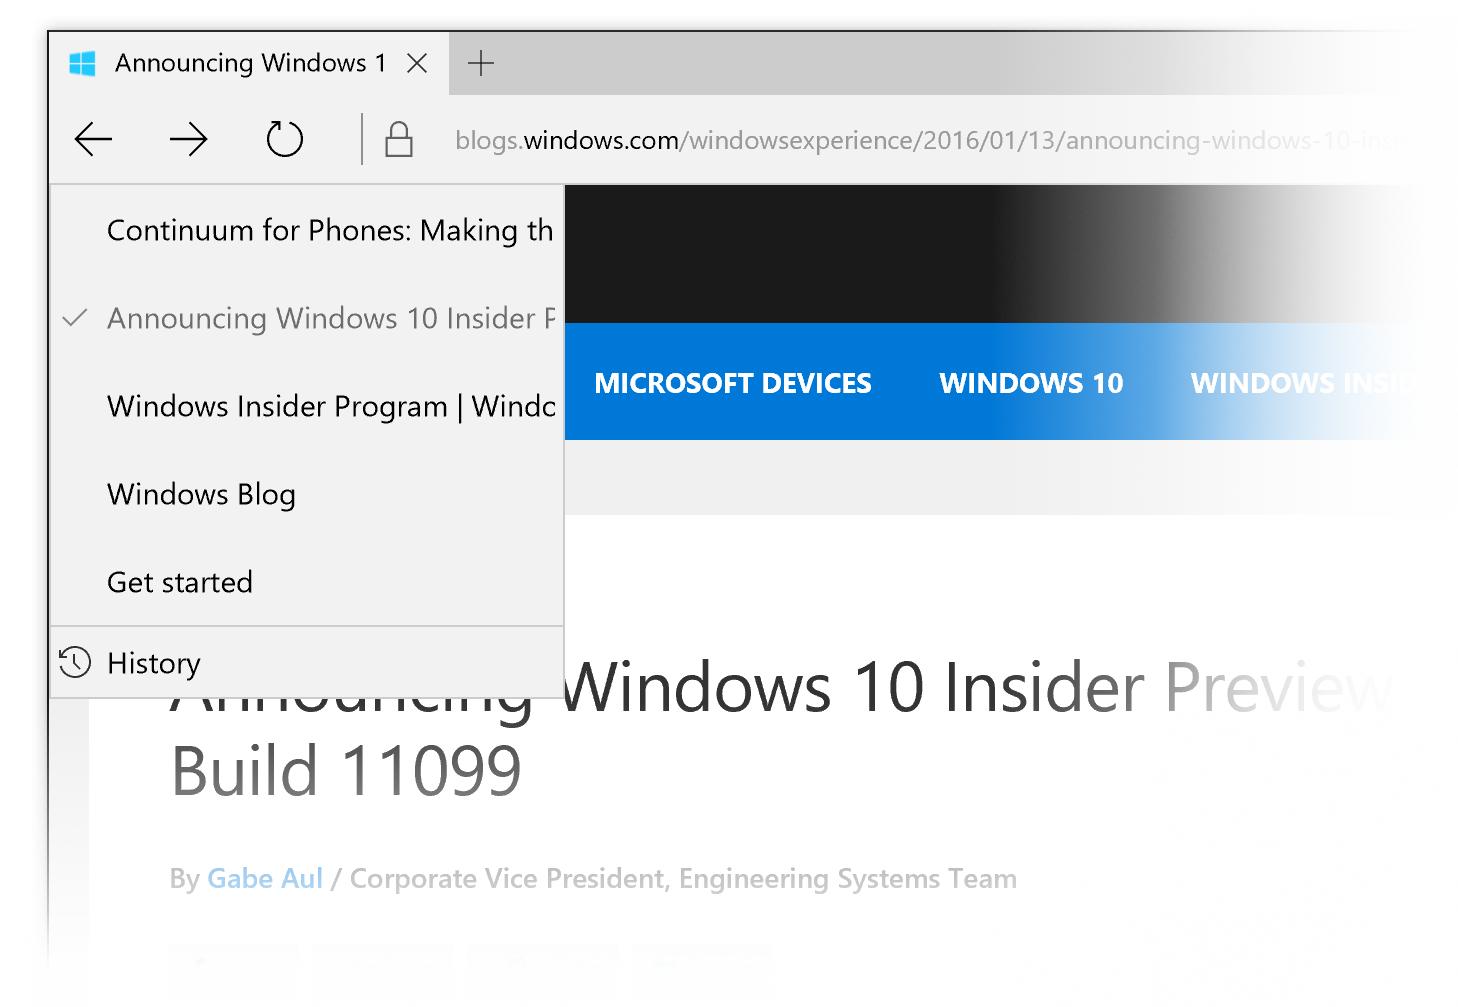 Build 11102ではEdgeで訪問したWebサイトの履歴を簡単にたどれるメニューが追加された